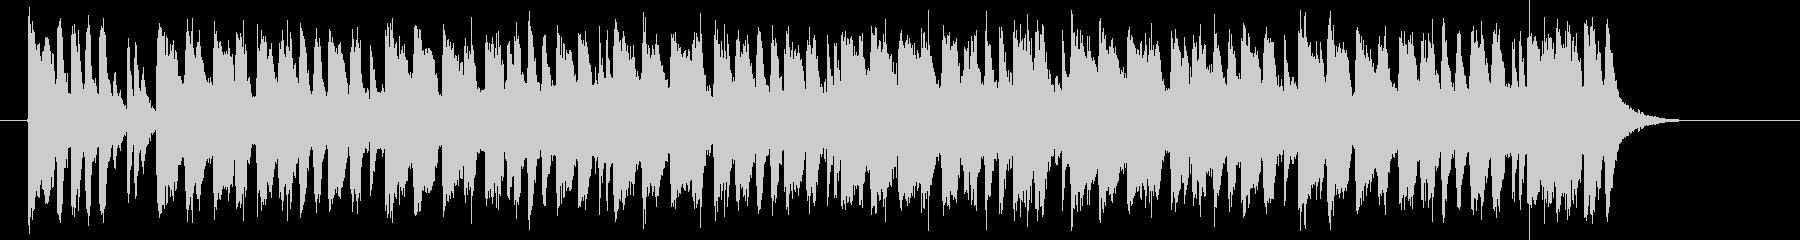 激しさ動きのあるアップテンポな曲の未再生の波形